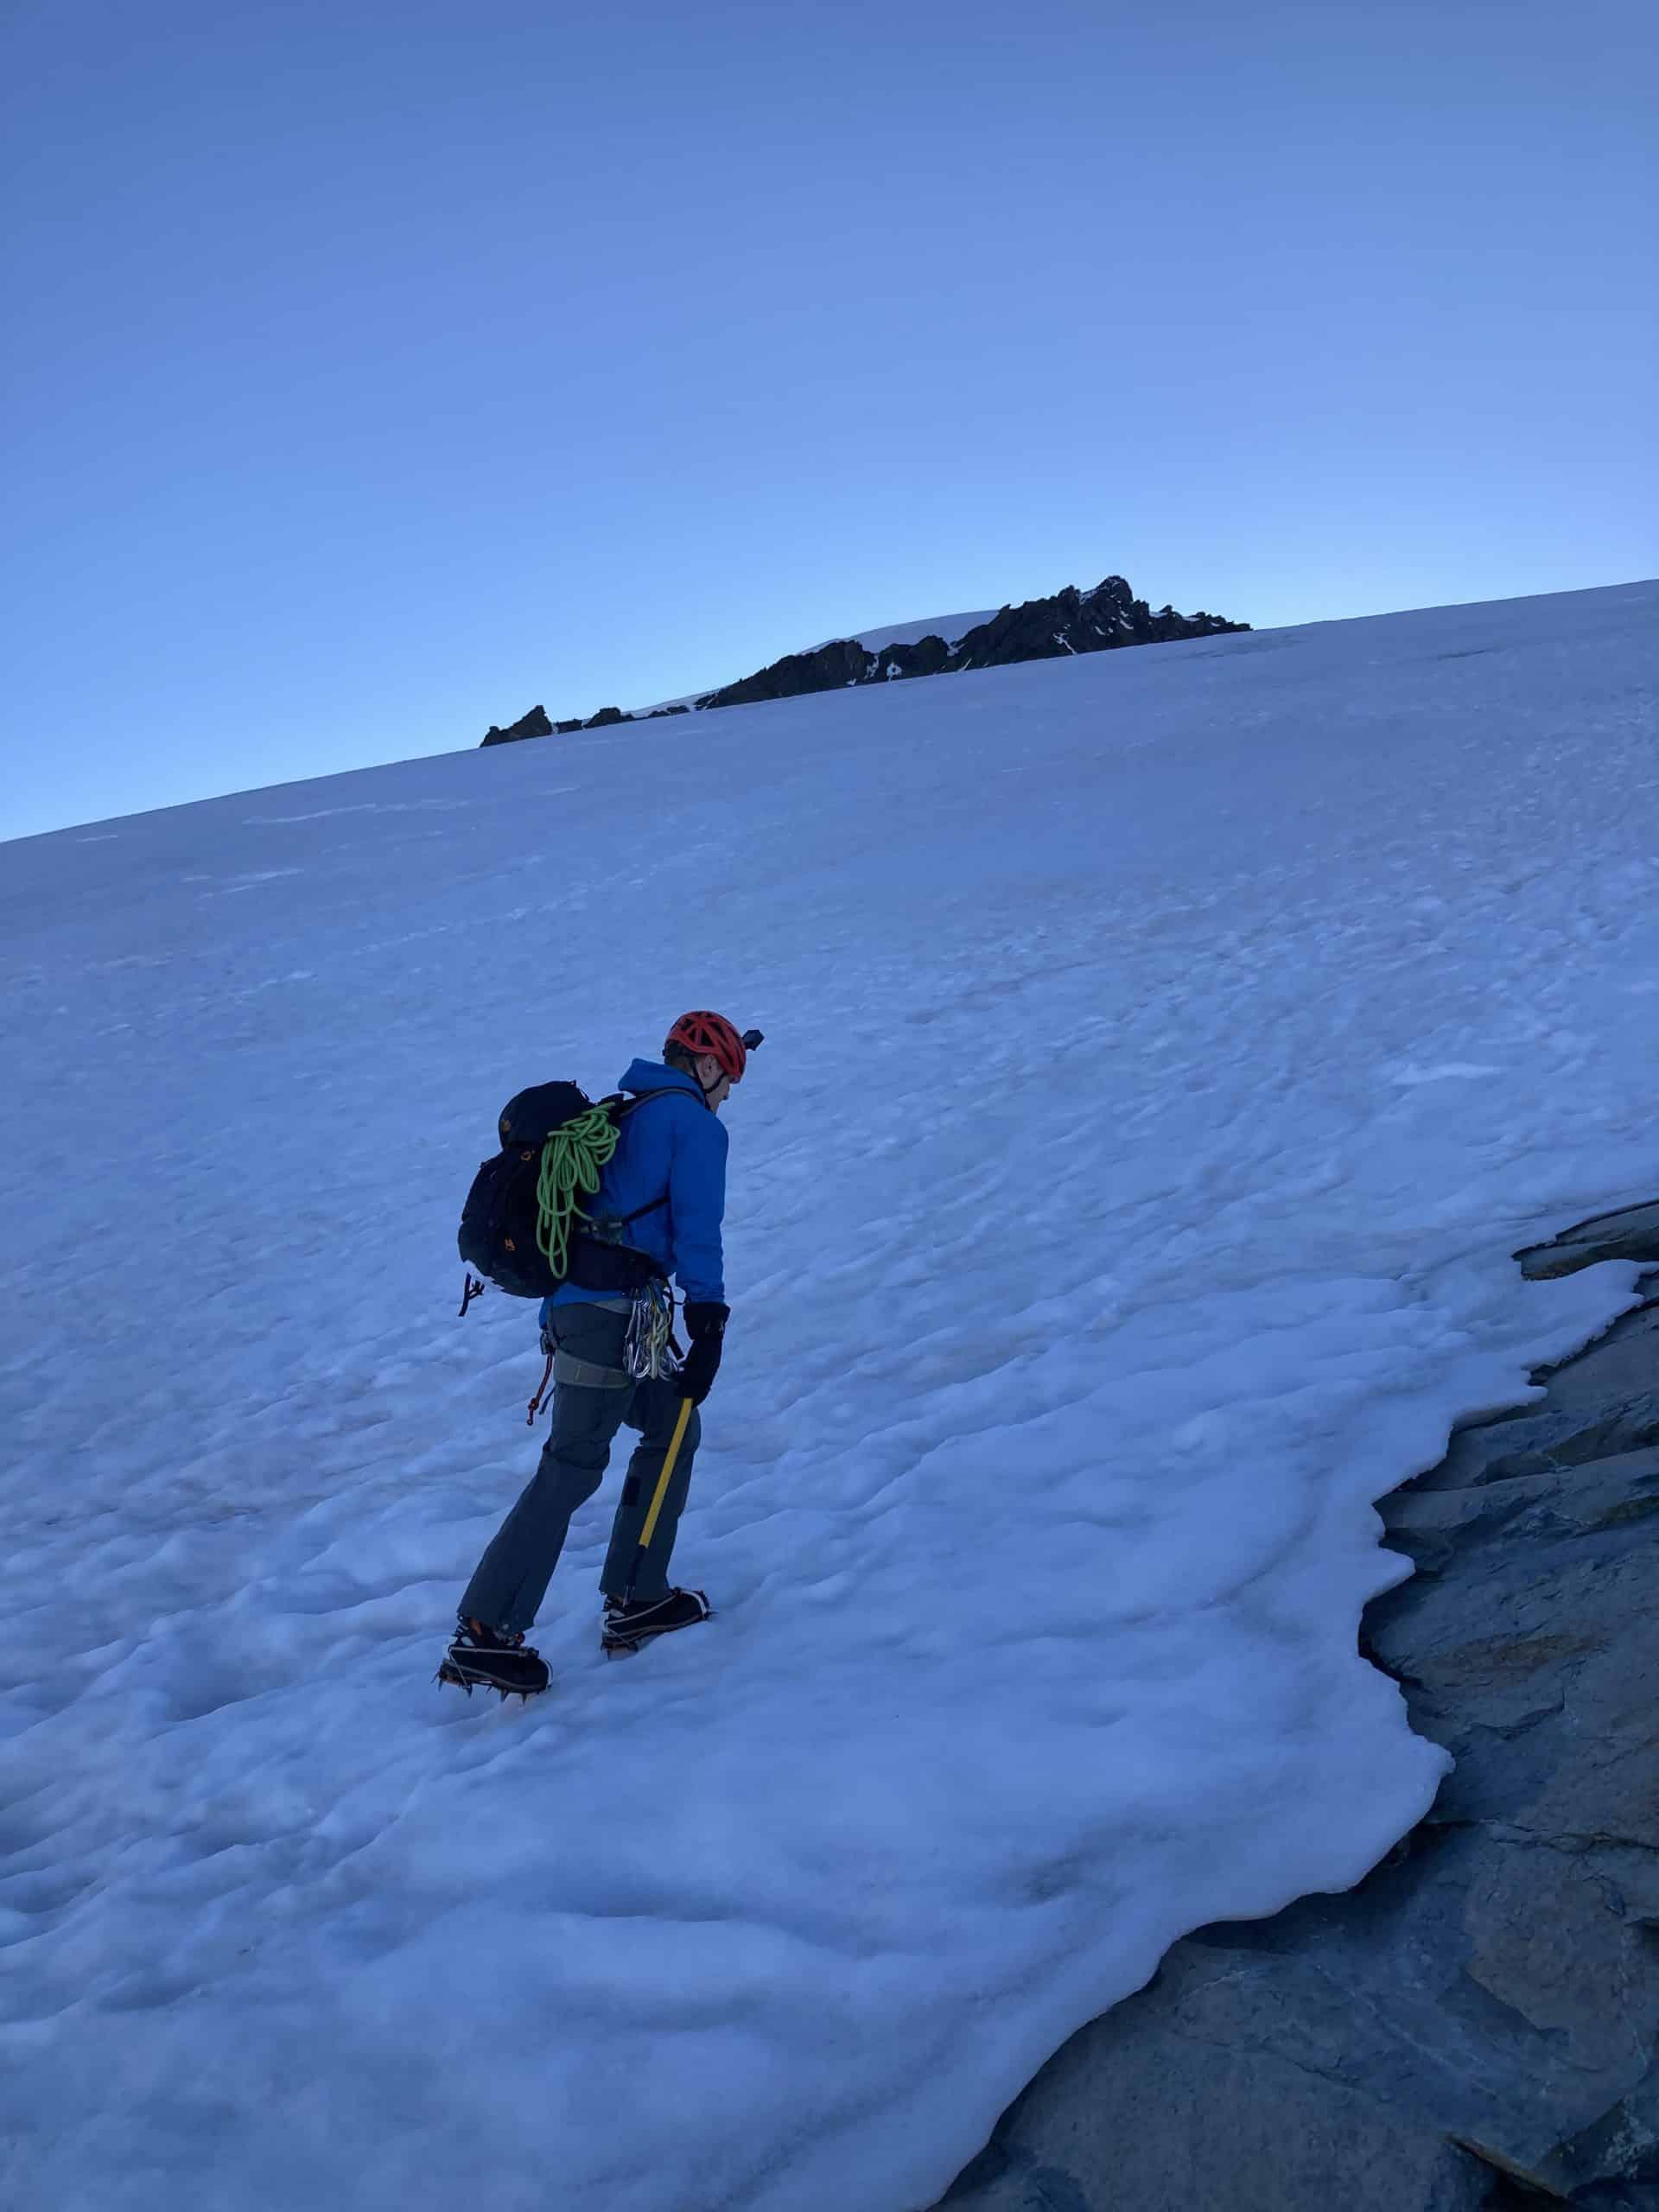 IMG 5822 scaled - Rimpfischhorn - viele Wege zum Ziel?!